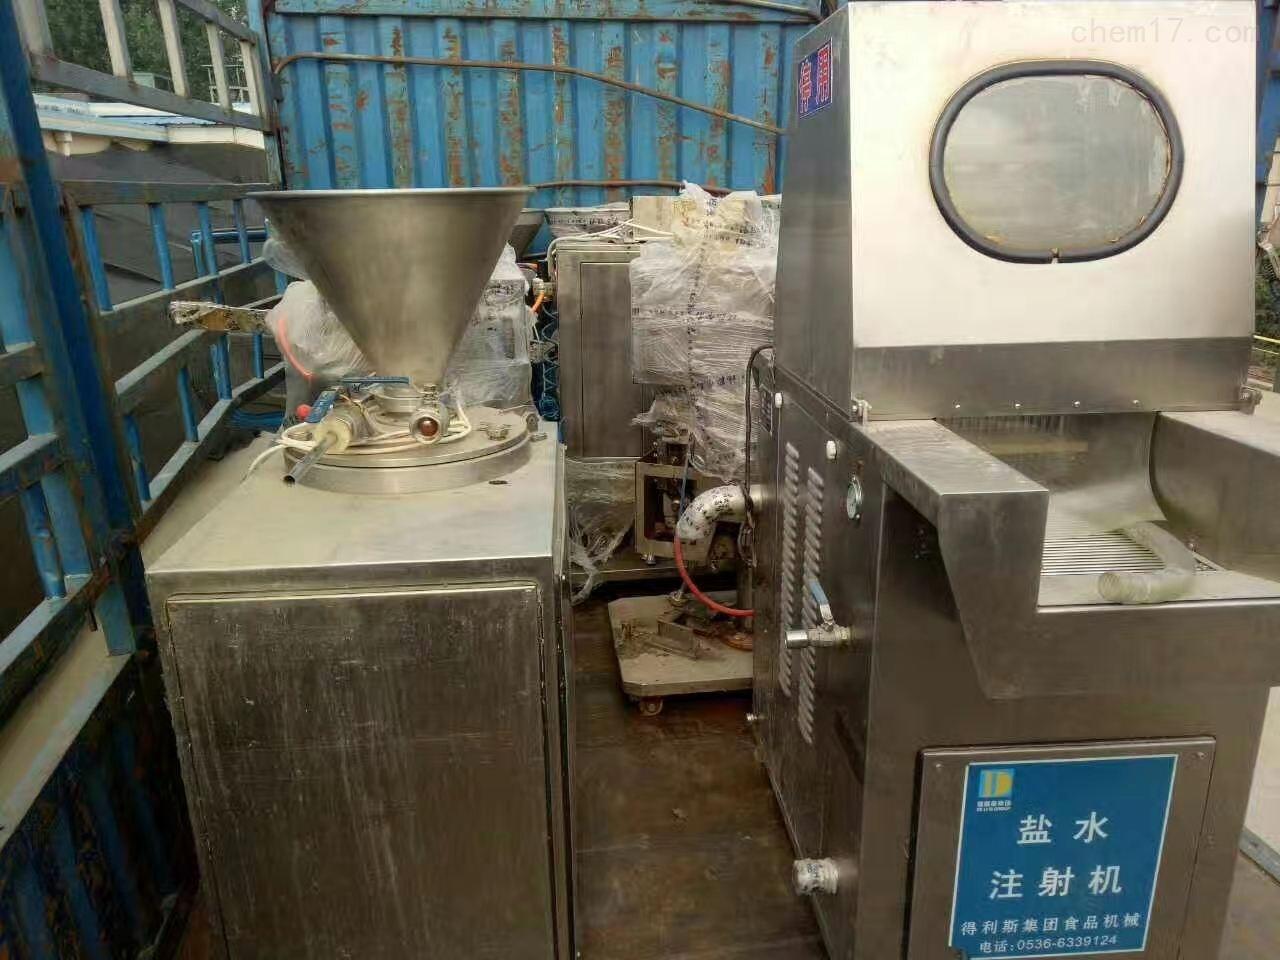 回收二手盐水注射机肉制品加工设备